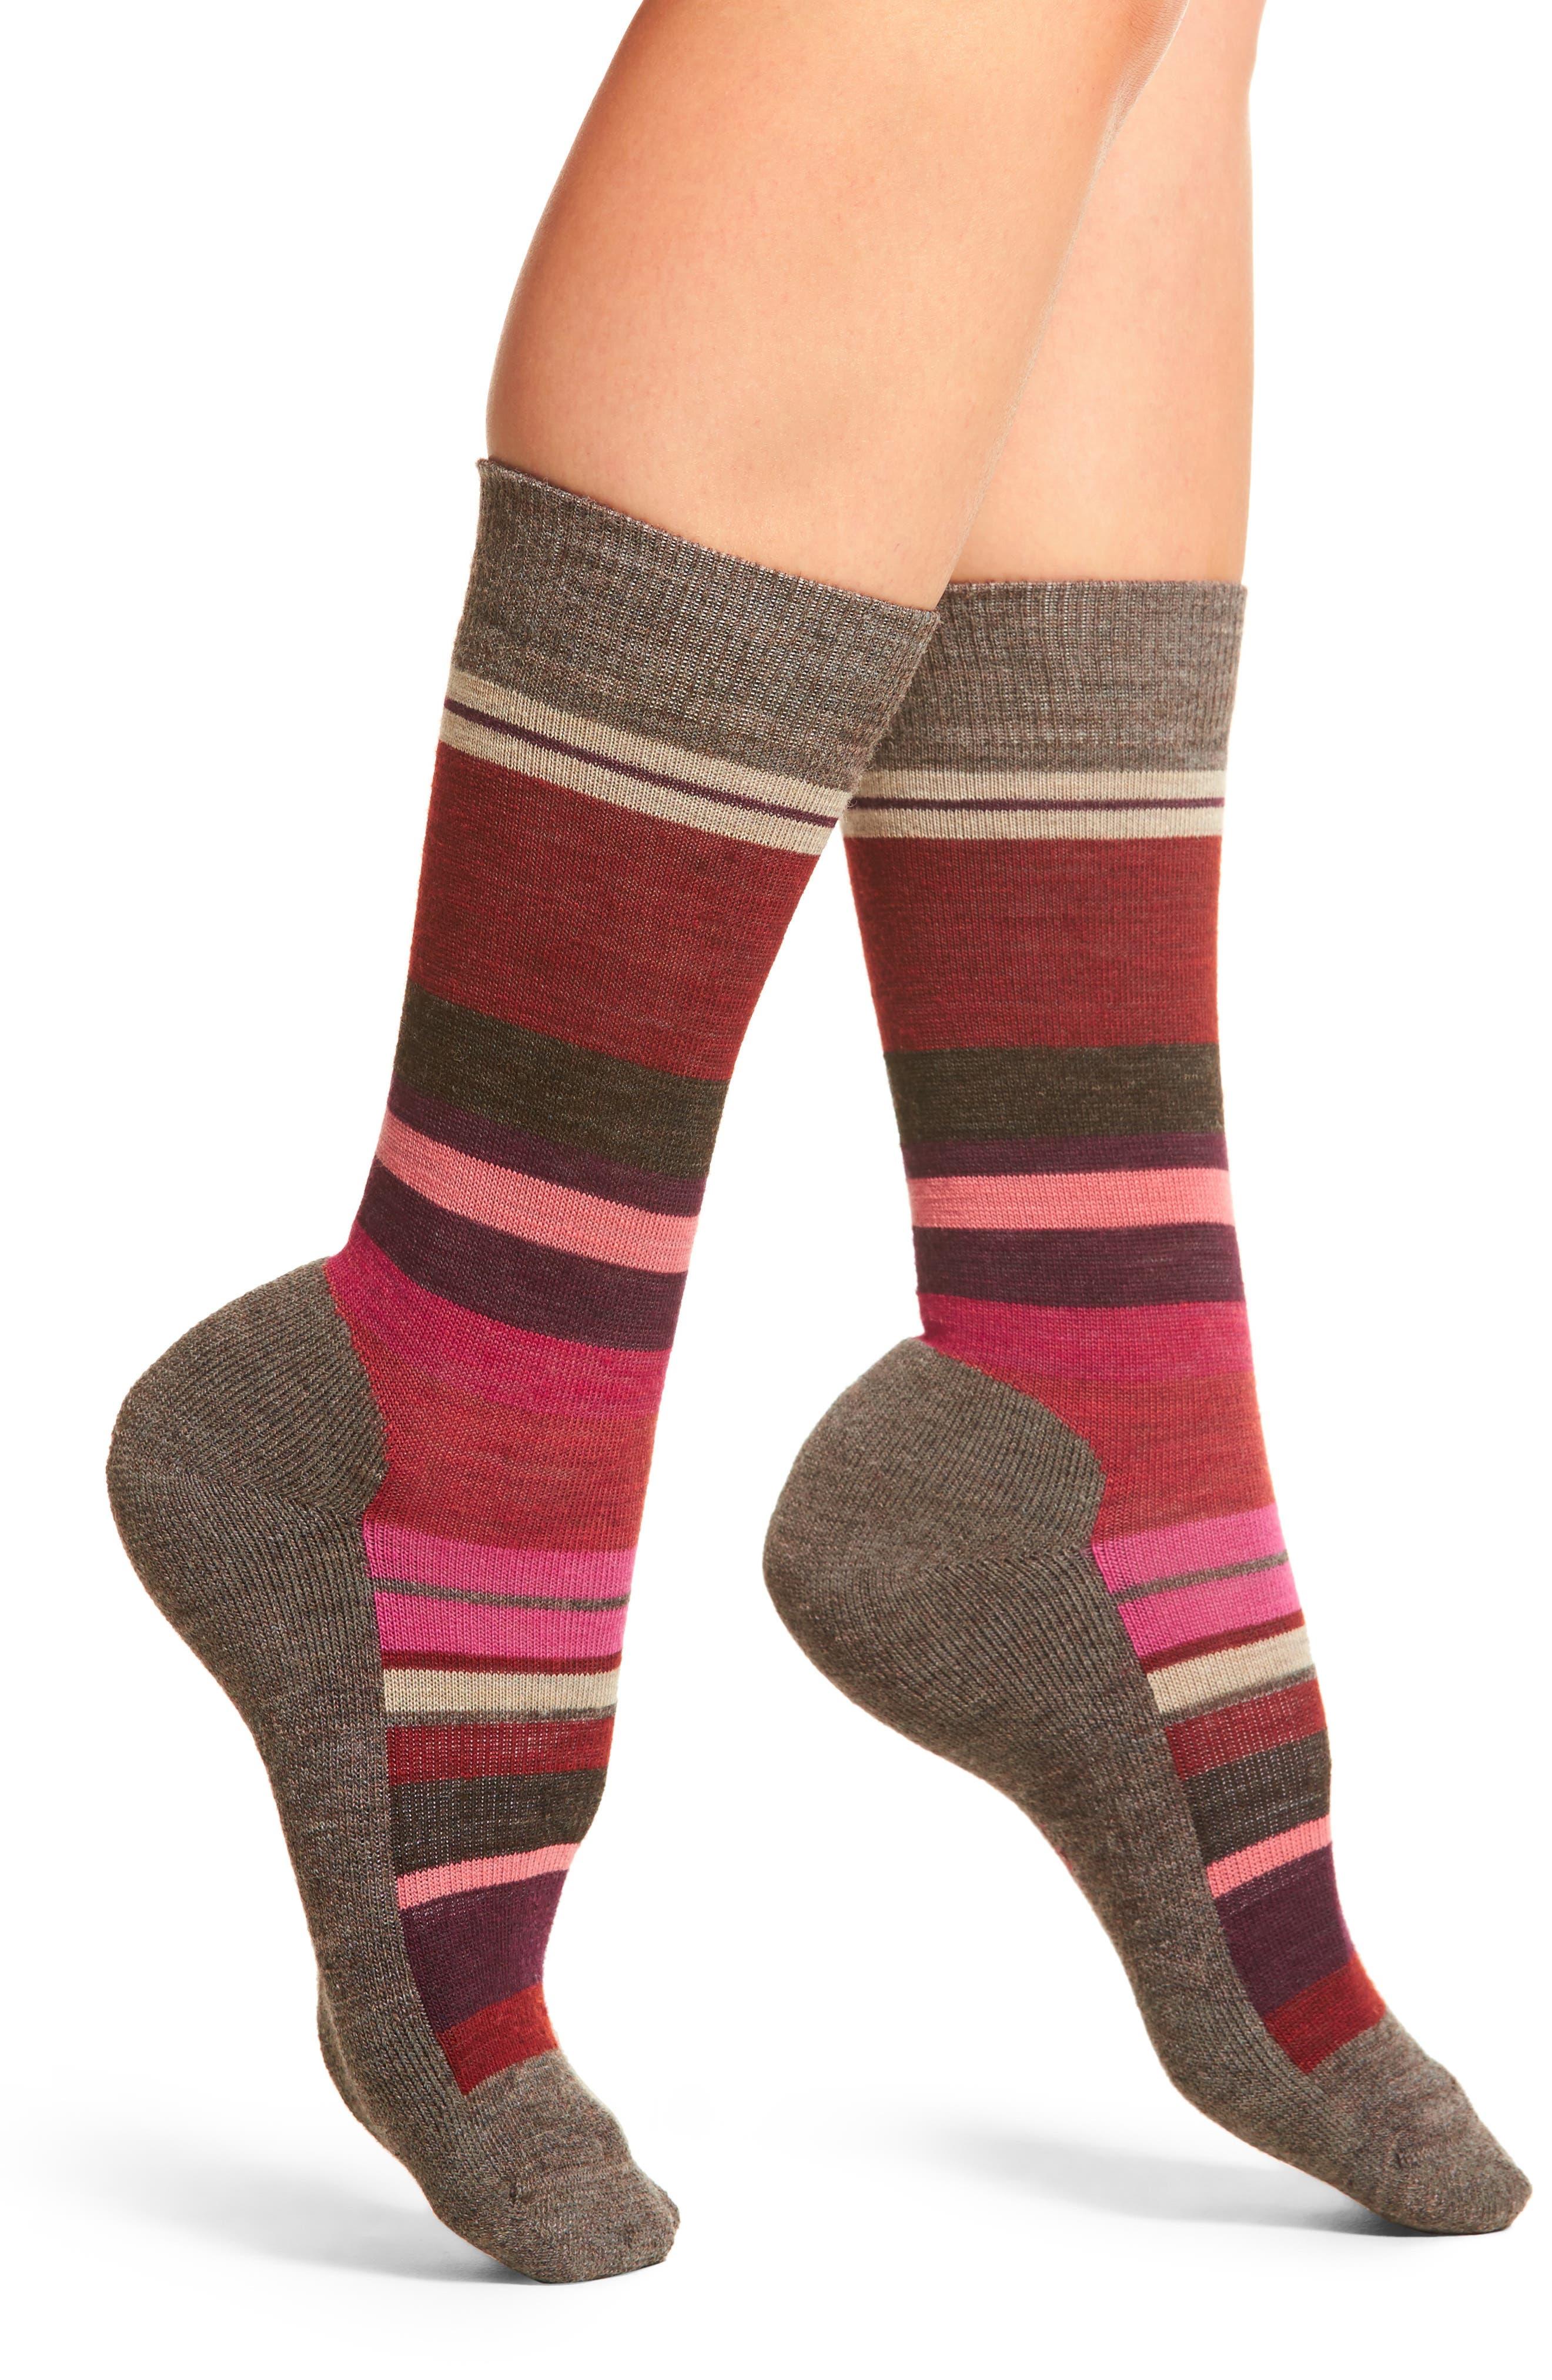 Saturnsphere Crew Socks,                         Main,                         color,